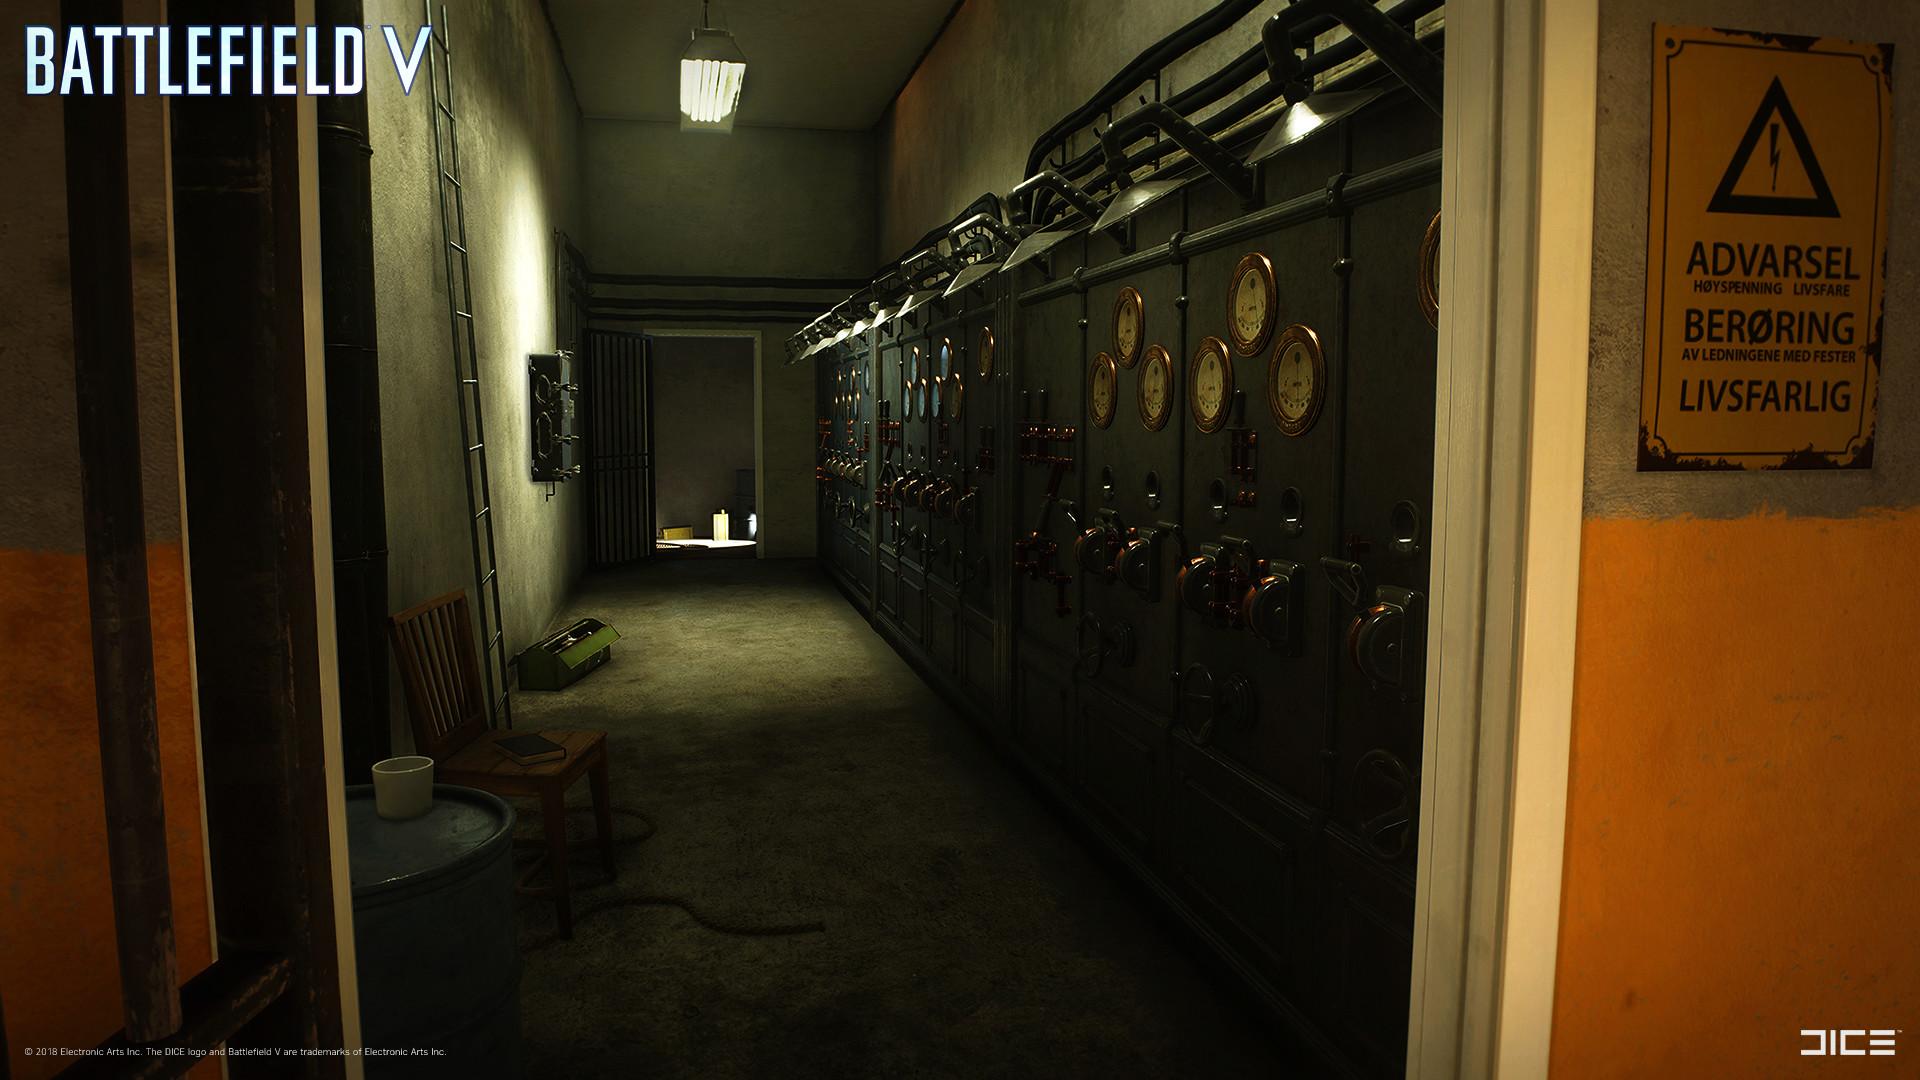 Otto ostera otto ostera eadice otto ostera factory interior 04